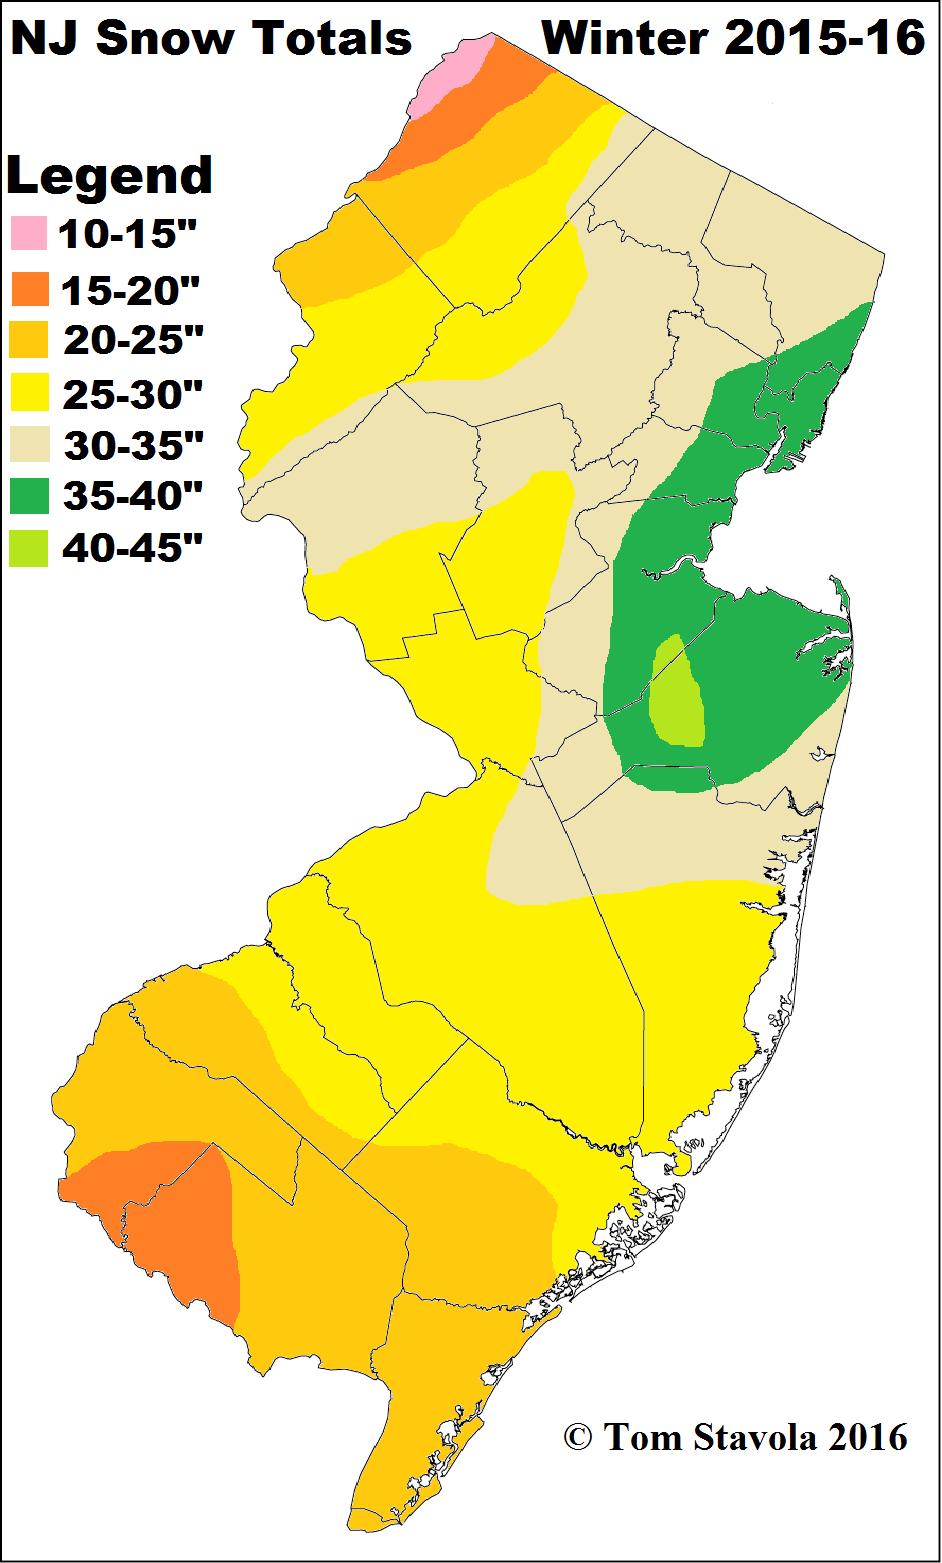 NJ Snow Totals 2015-16